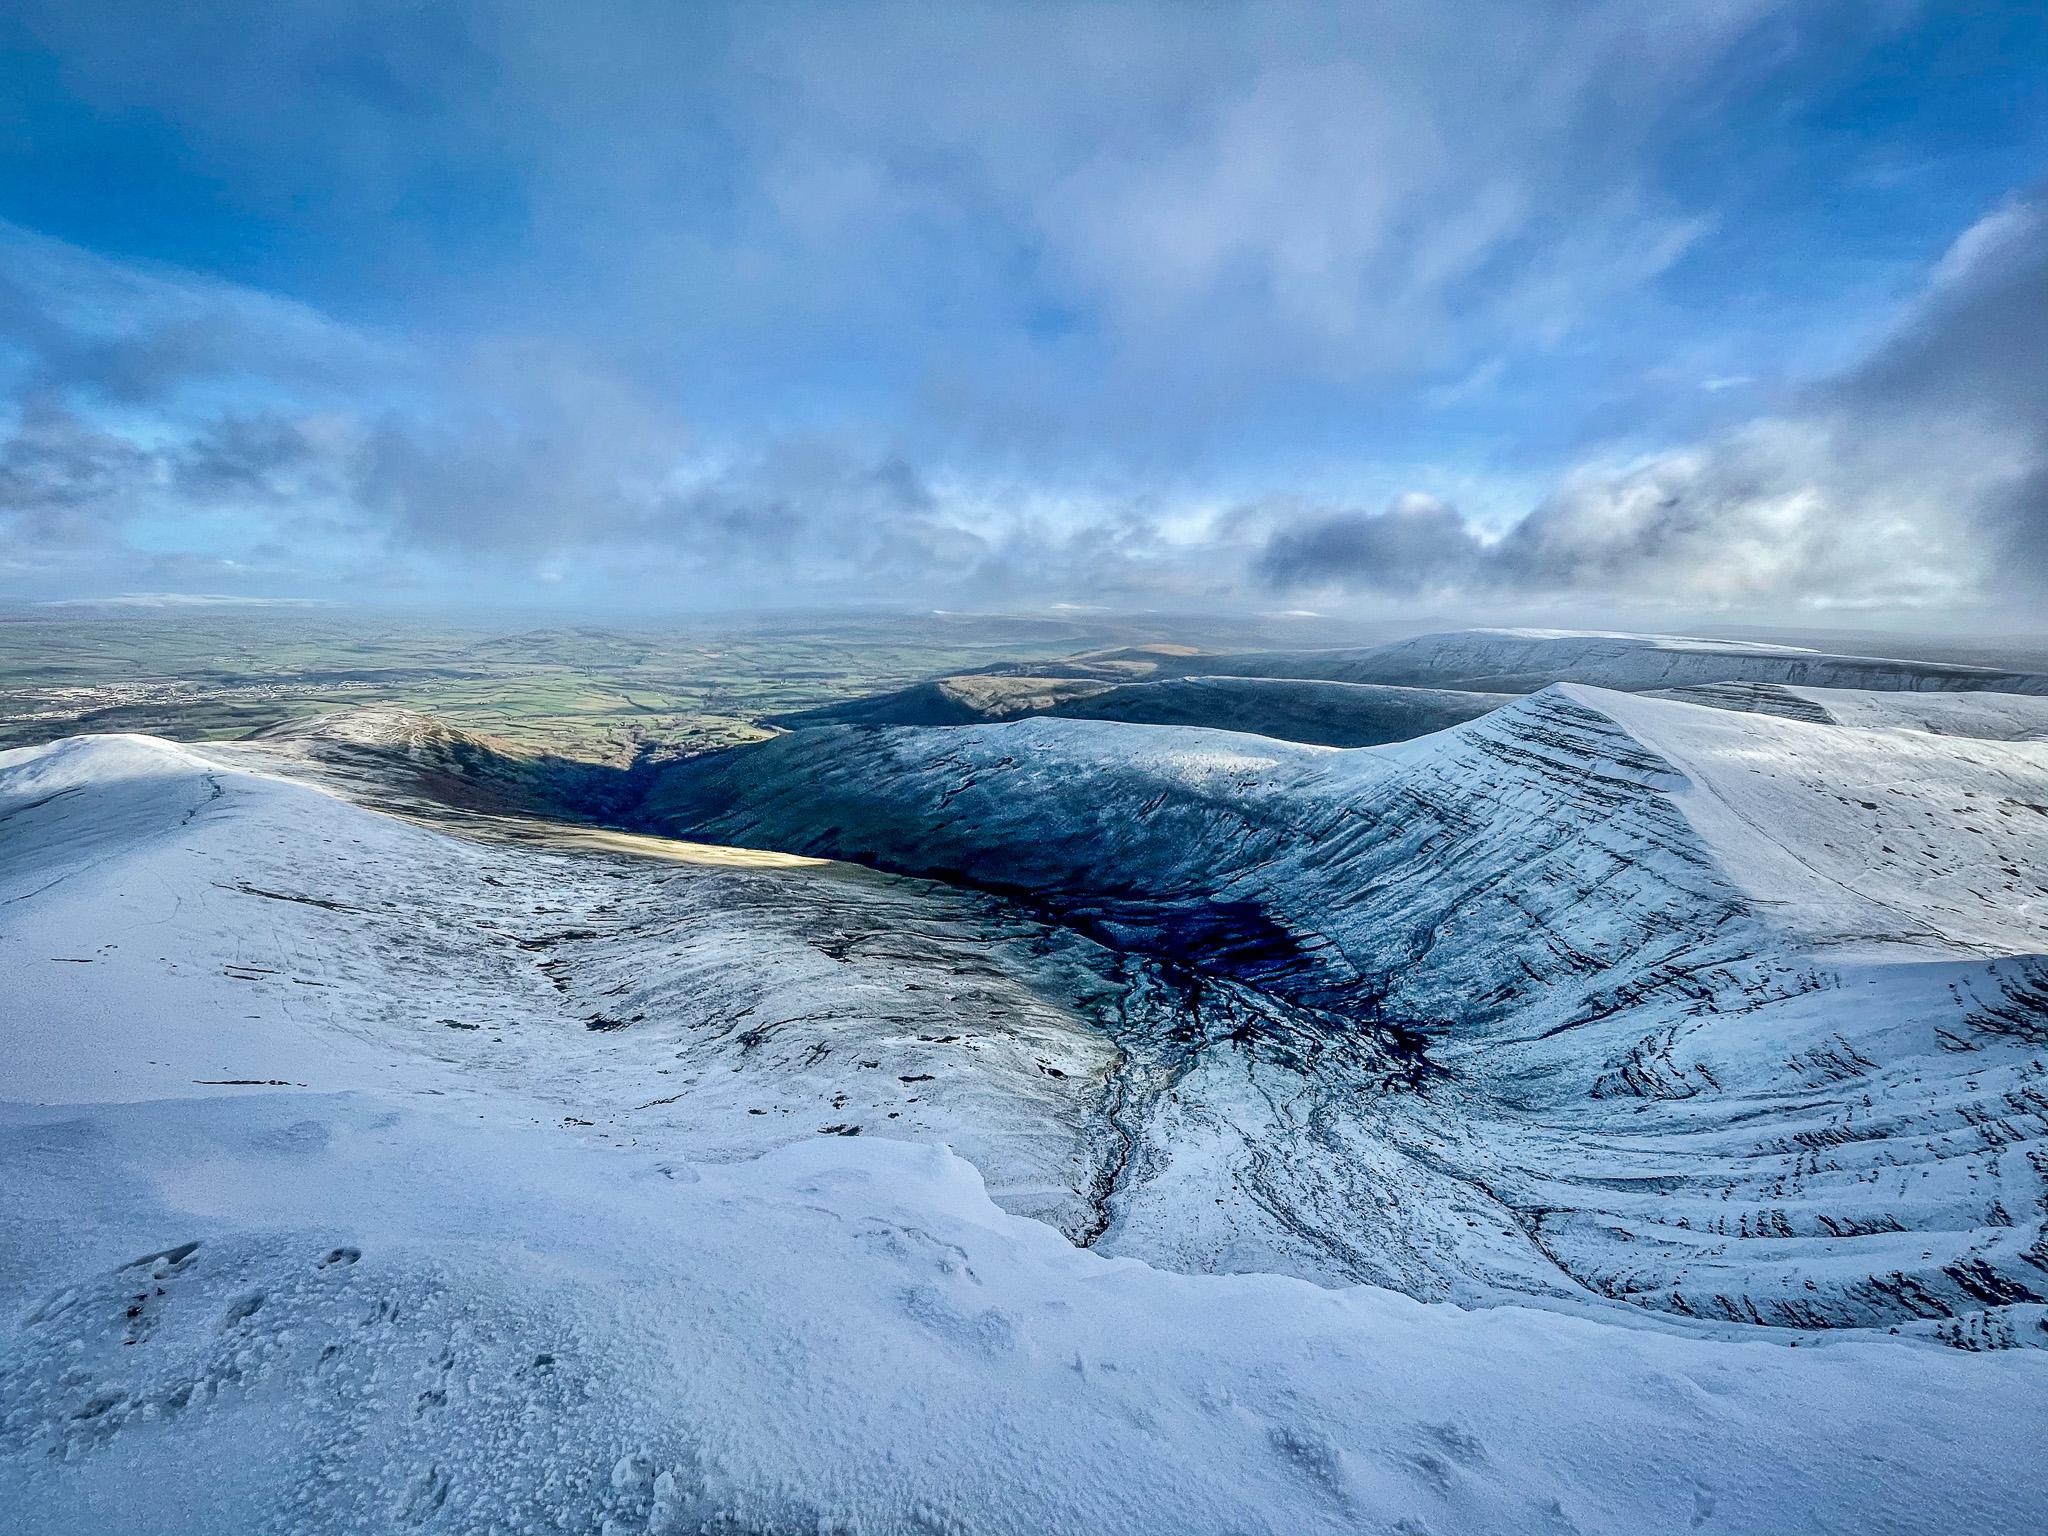 Early December Snow in the Brecon Beacons, Pen-y-Fan